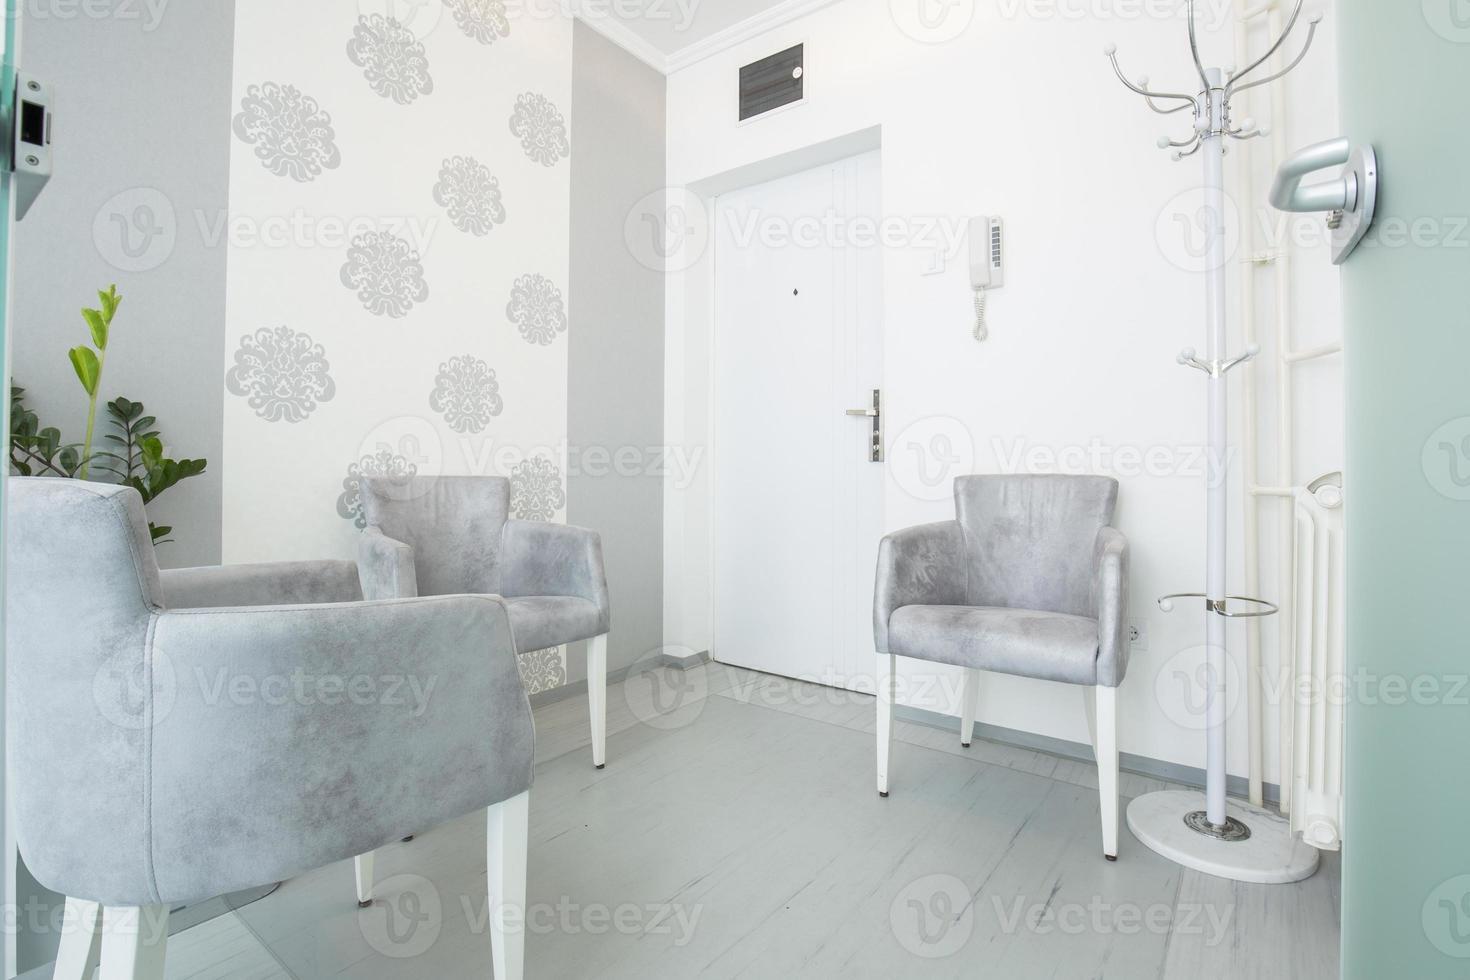 kleine elegante wachtkamer foto